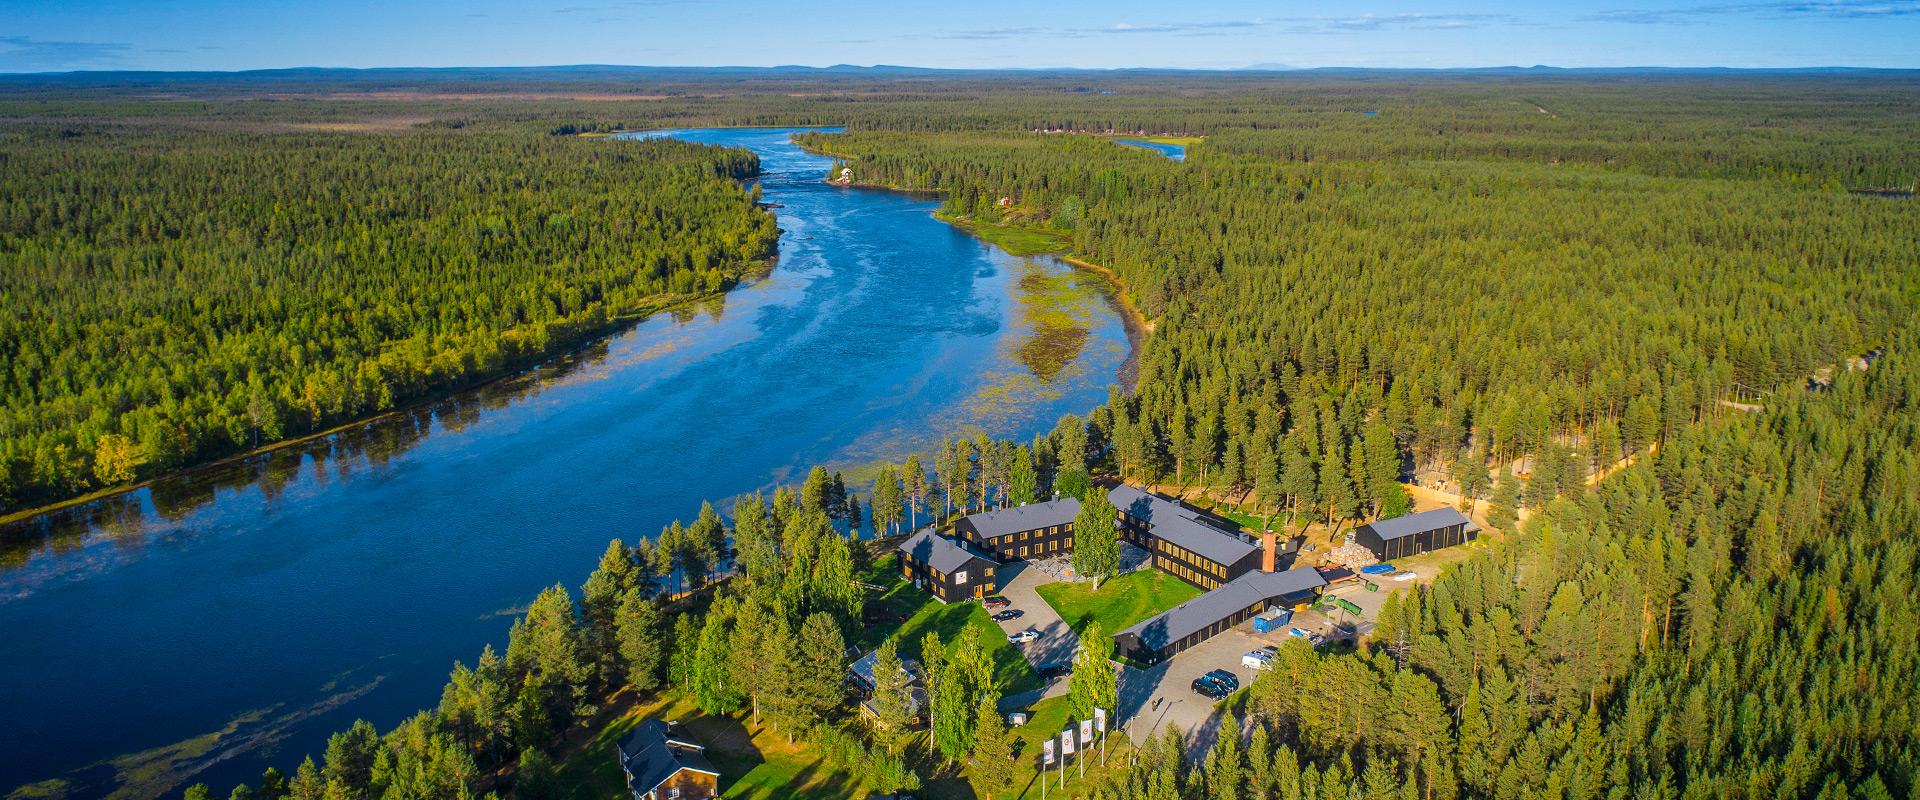 Afbeeldingsresultaat voor arctic river lodge summer